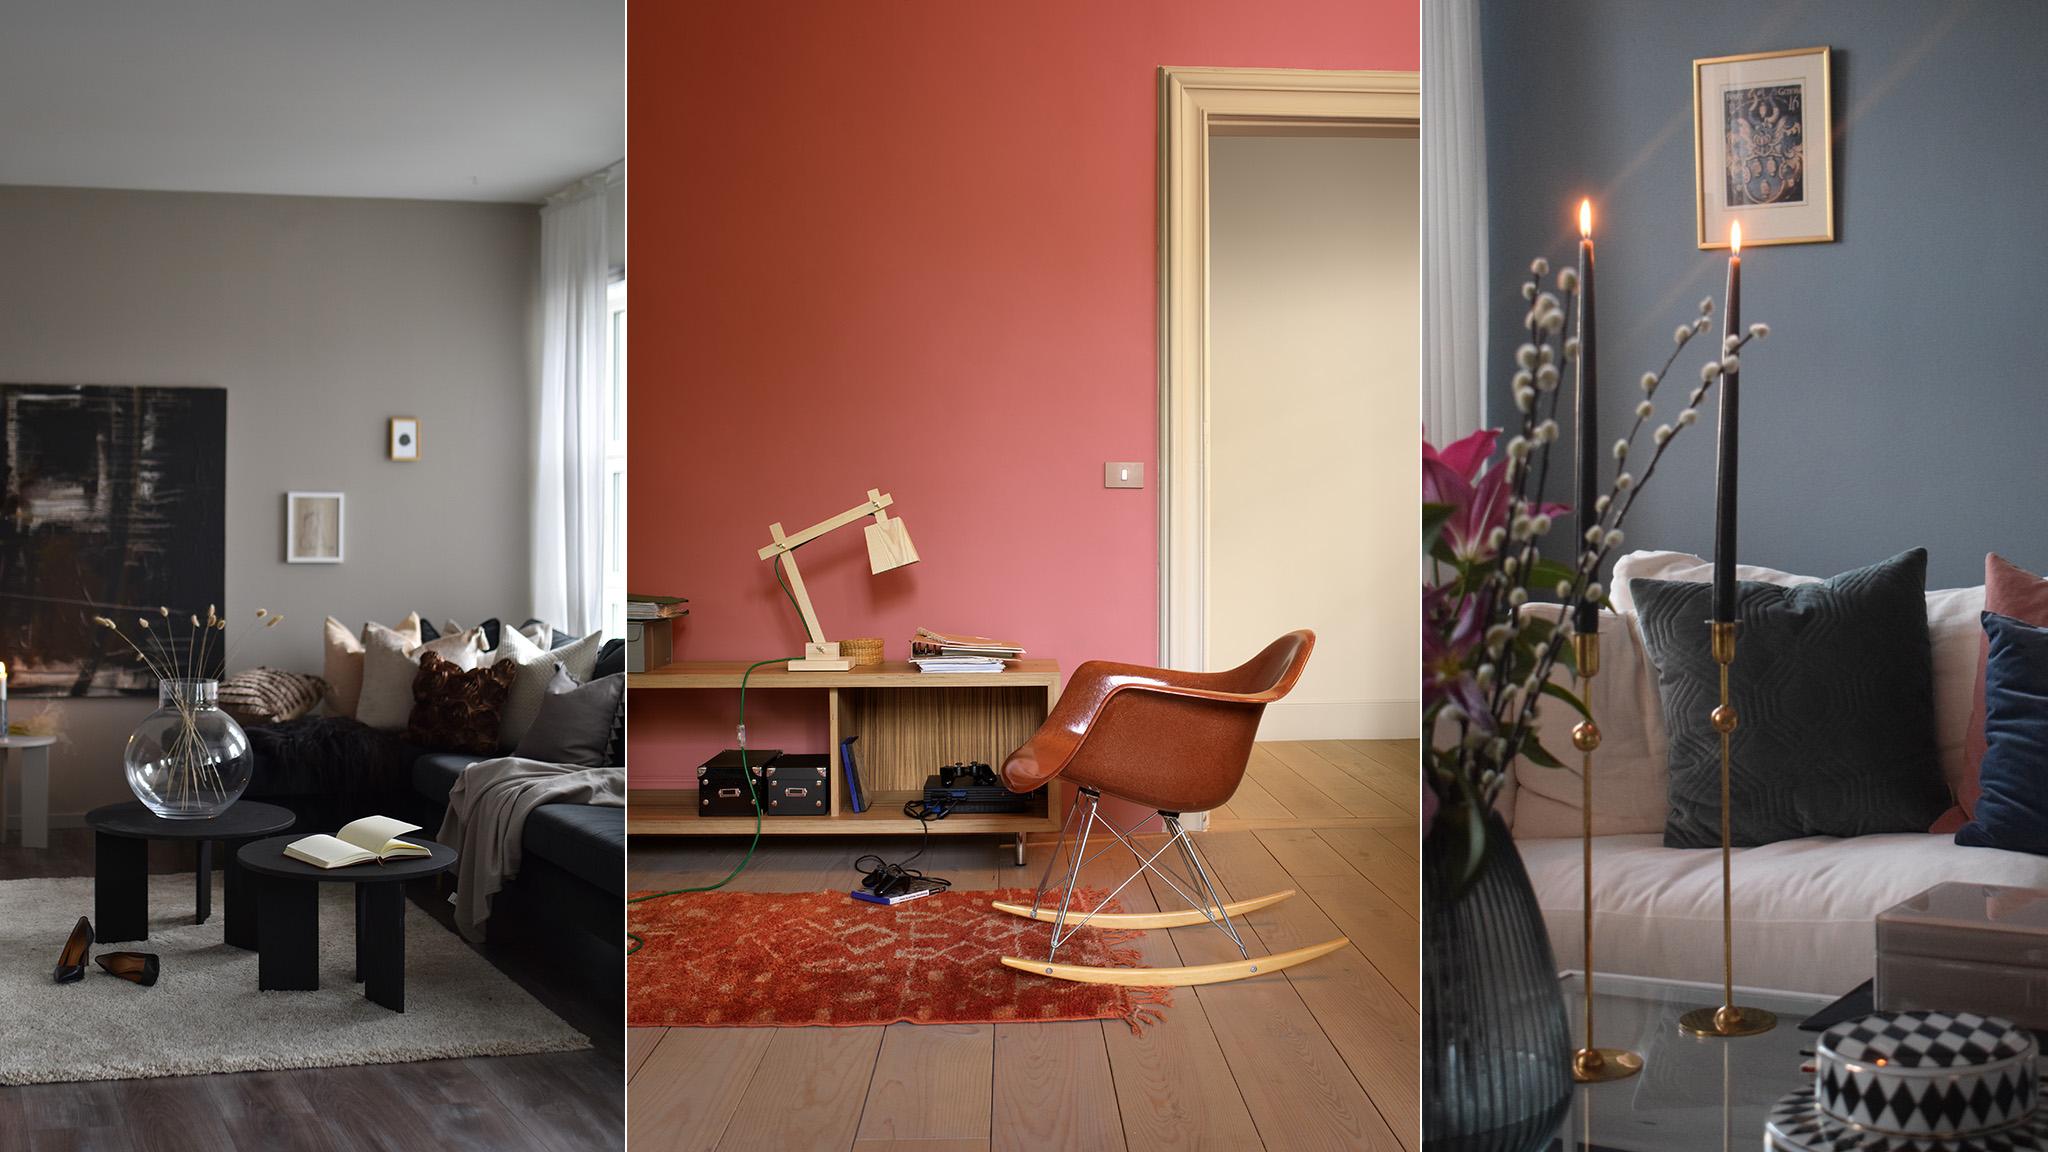 Välja de bästa neutrala färgerna för vardagsrummet